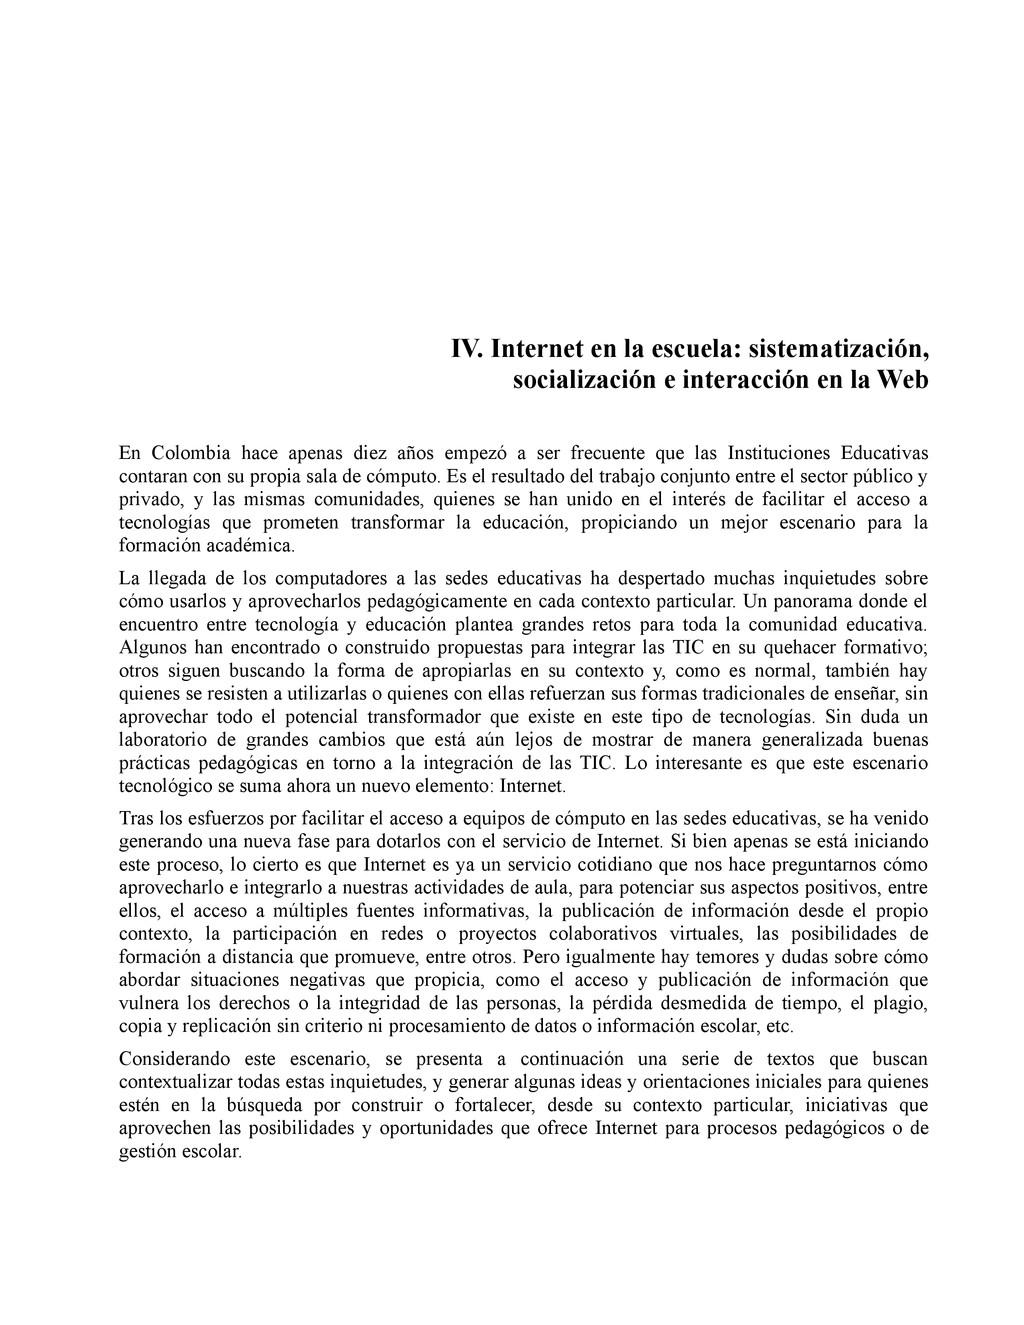 IV. Internet en la escuela: sistematización, so...